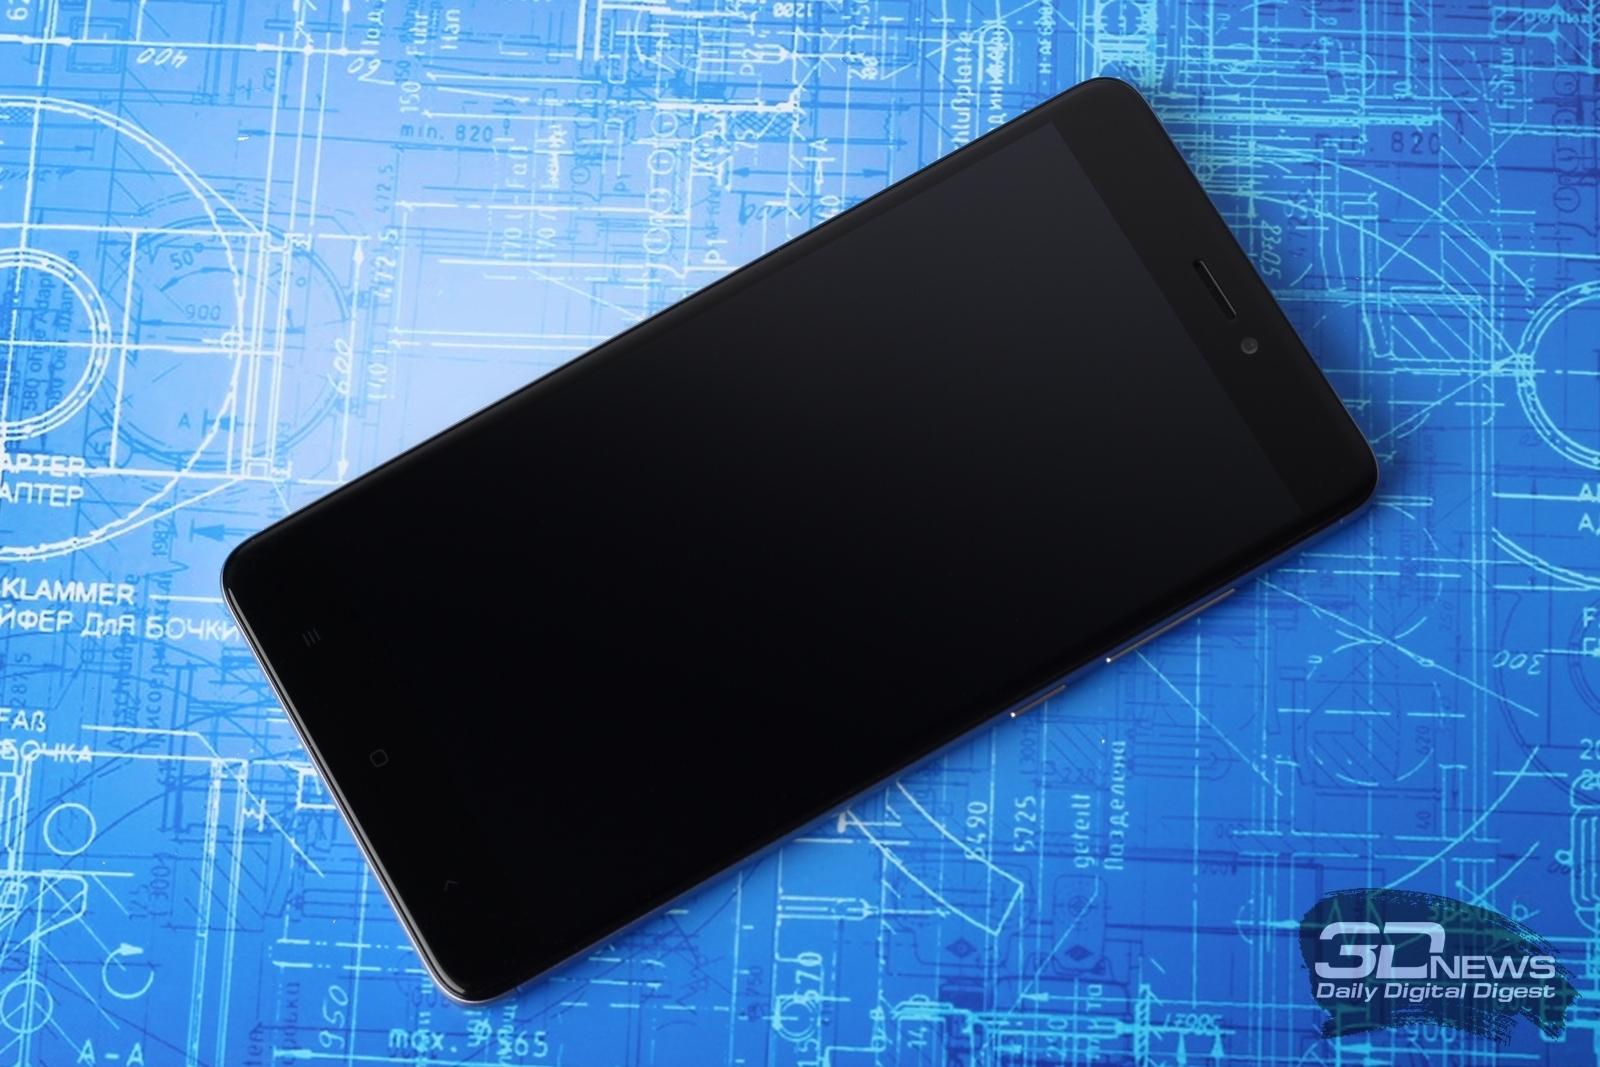 Новая статья: Обзор смартфона Xiaomi Redmi Note 4X: я экономить буду